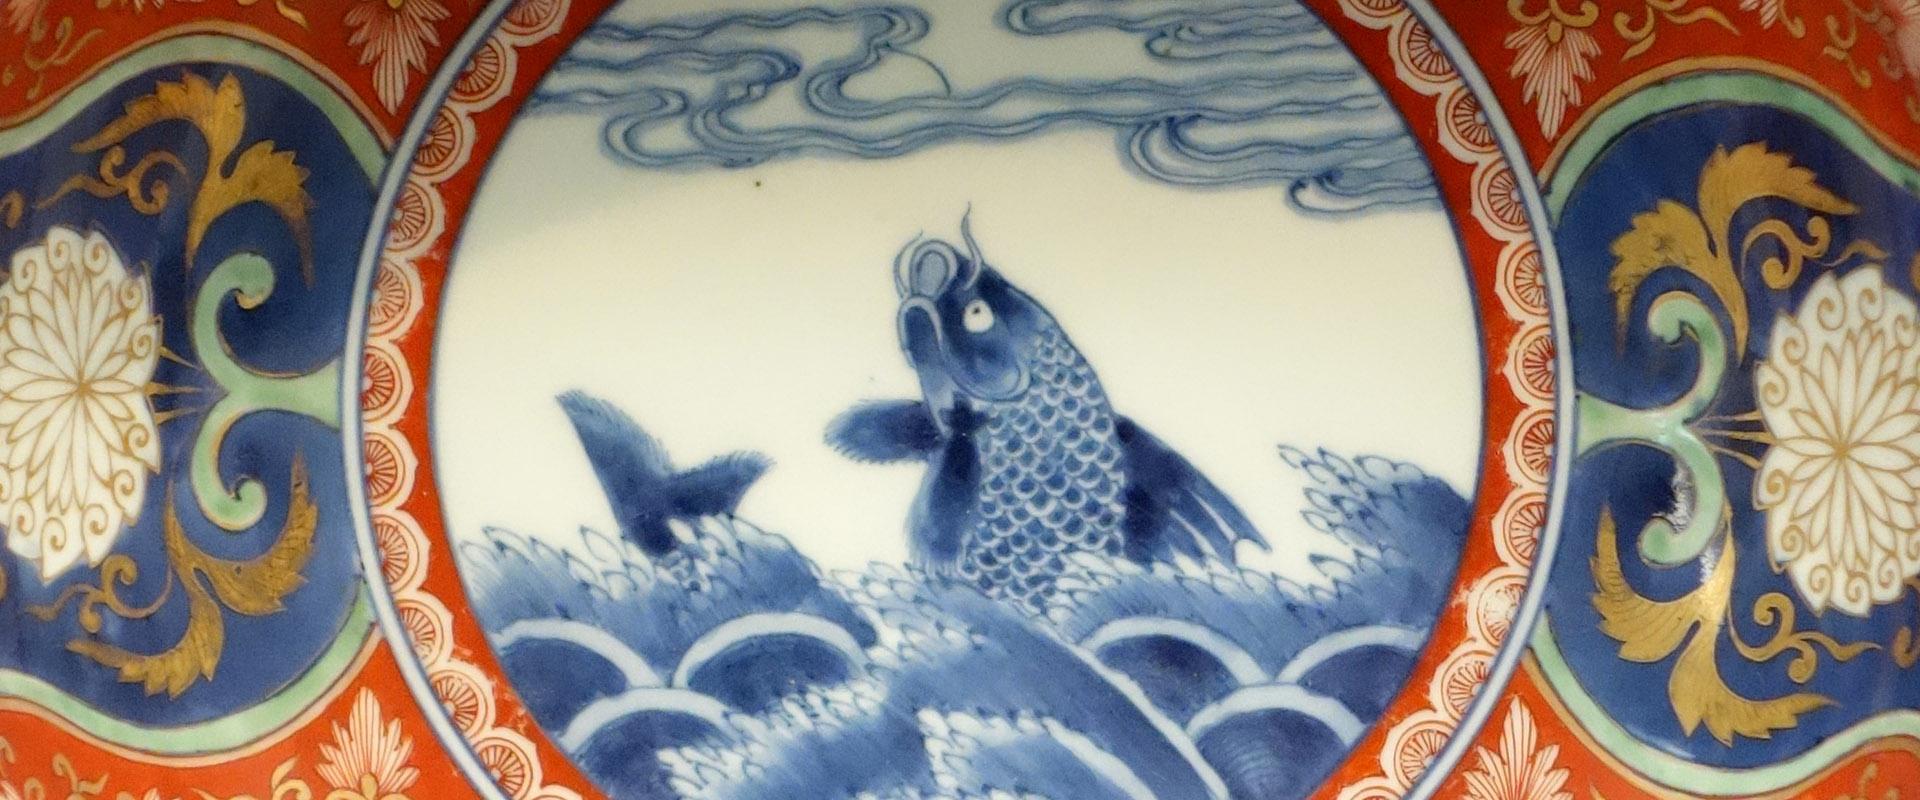 Bannière des trois grands types de porcelaine au Japon